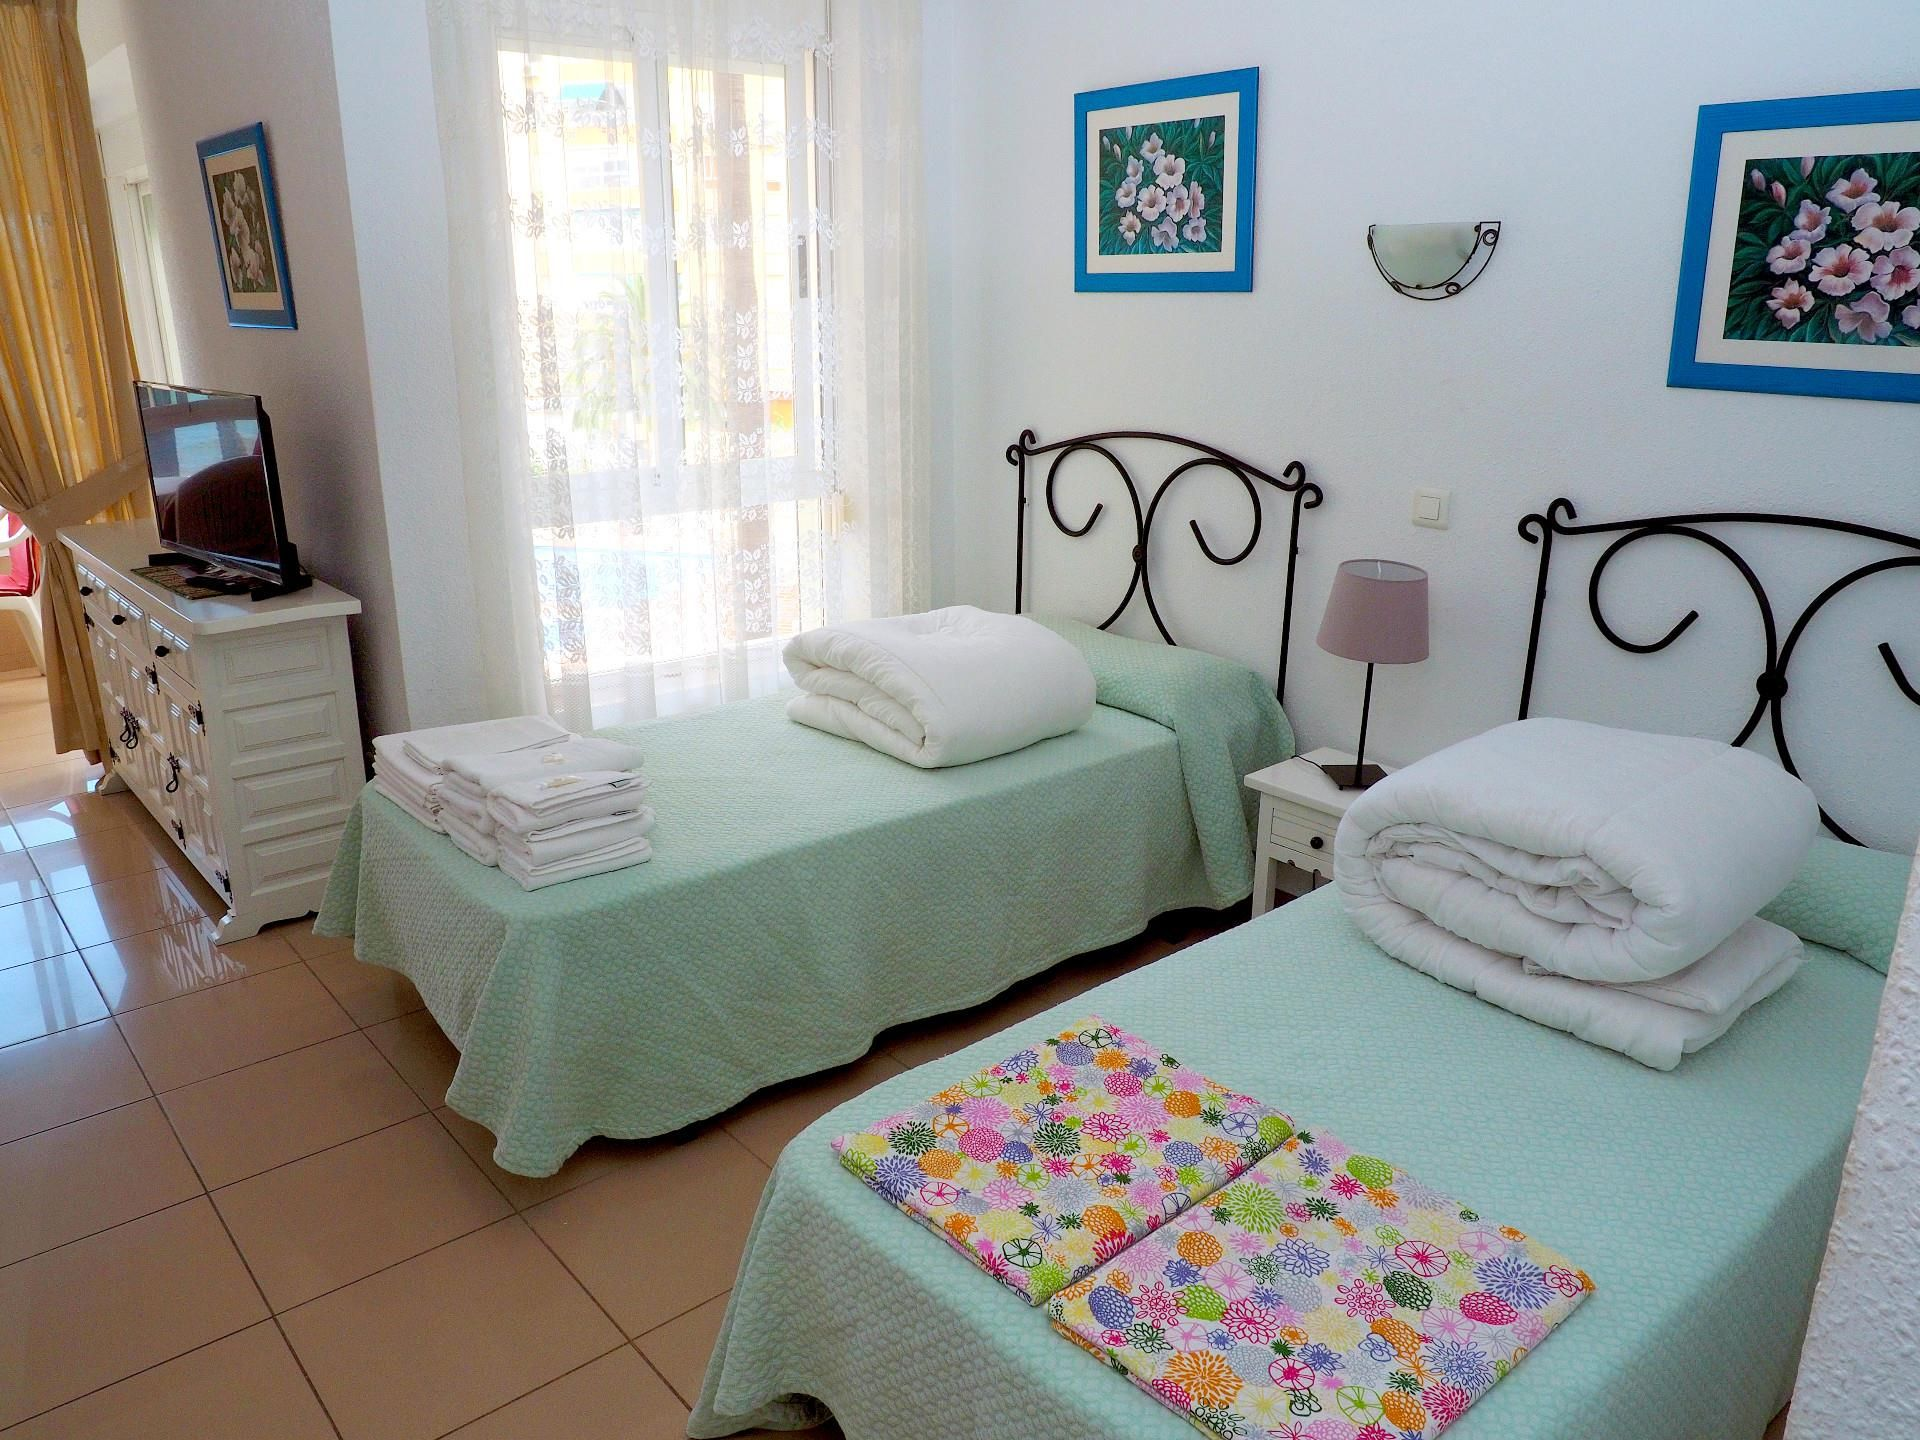 Estudio de alquiler en Avenida Torre Ladeada, Algarrobo Costa (Algarrobo-Costa, Málaga)